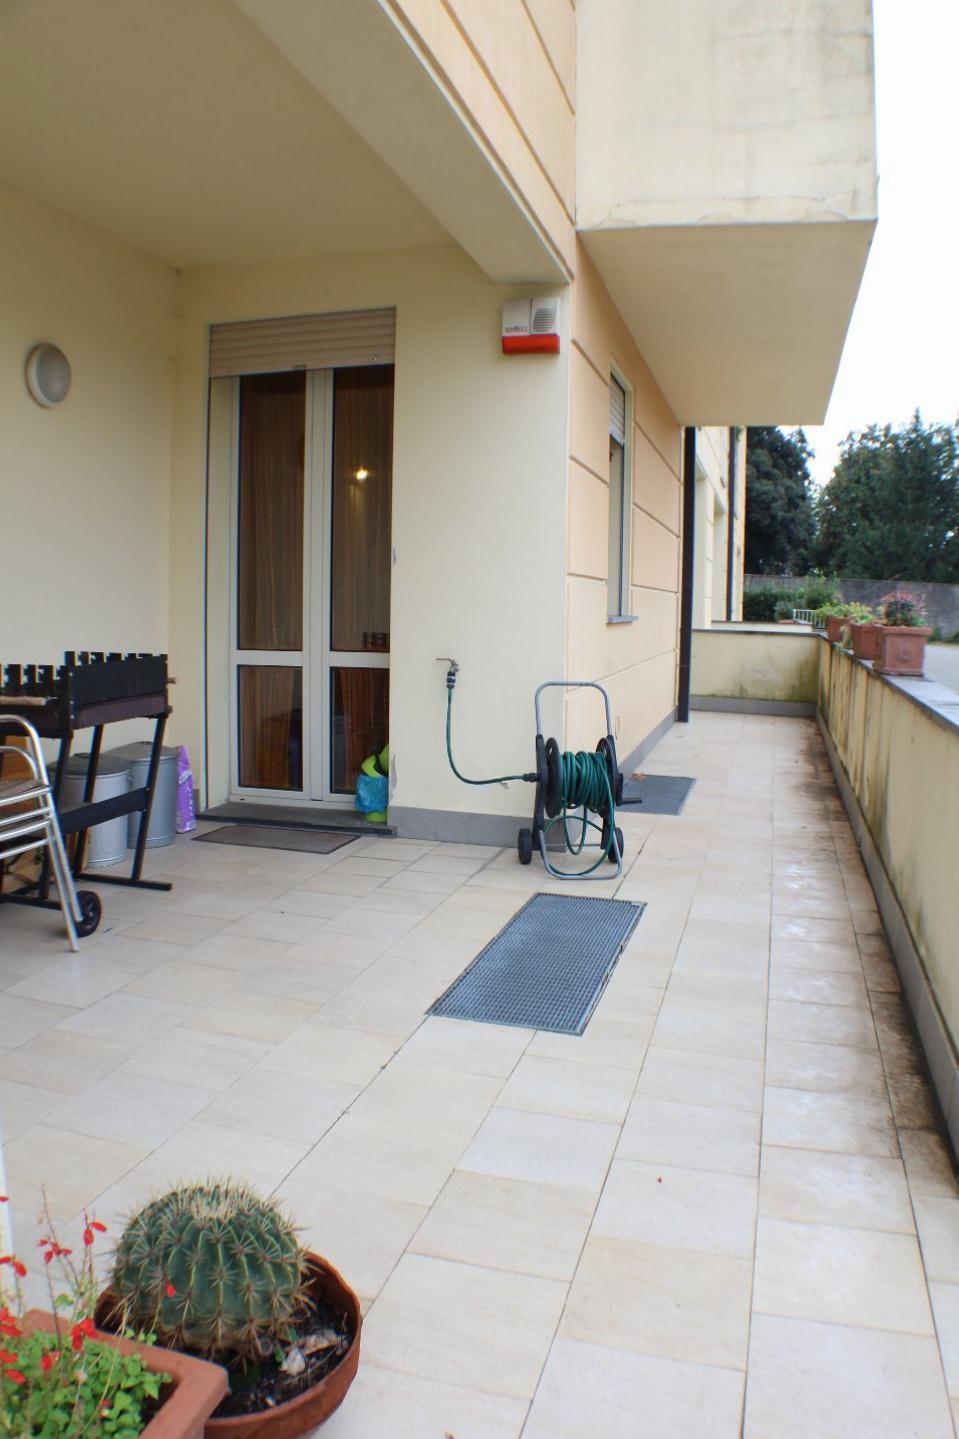 Appartamento in vendita a Lucca, 3 locali, prezzo € 130.000 | CambioCasa.it